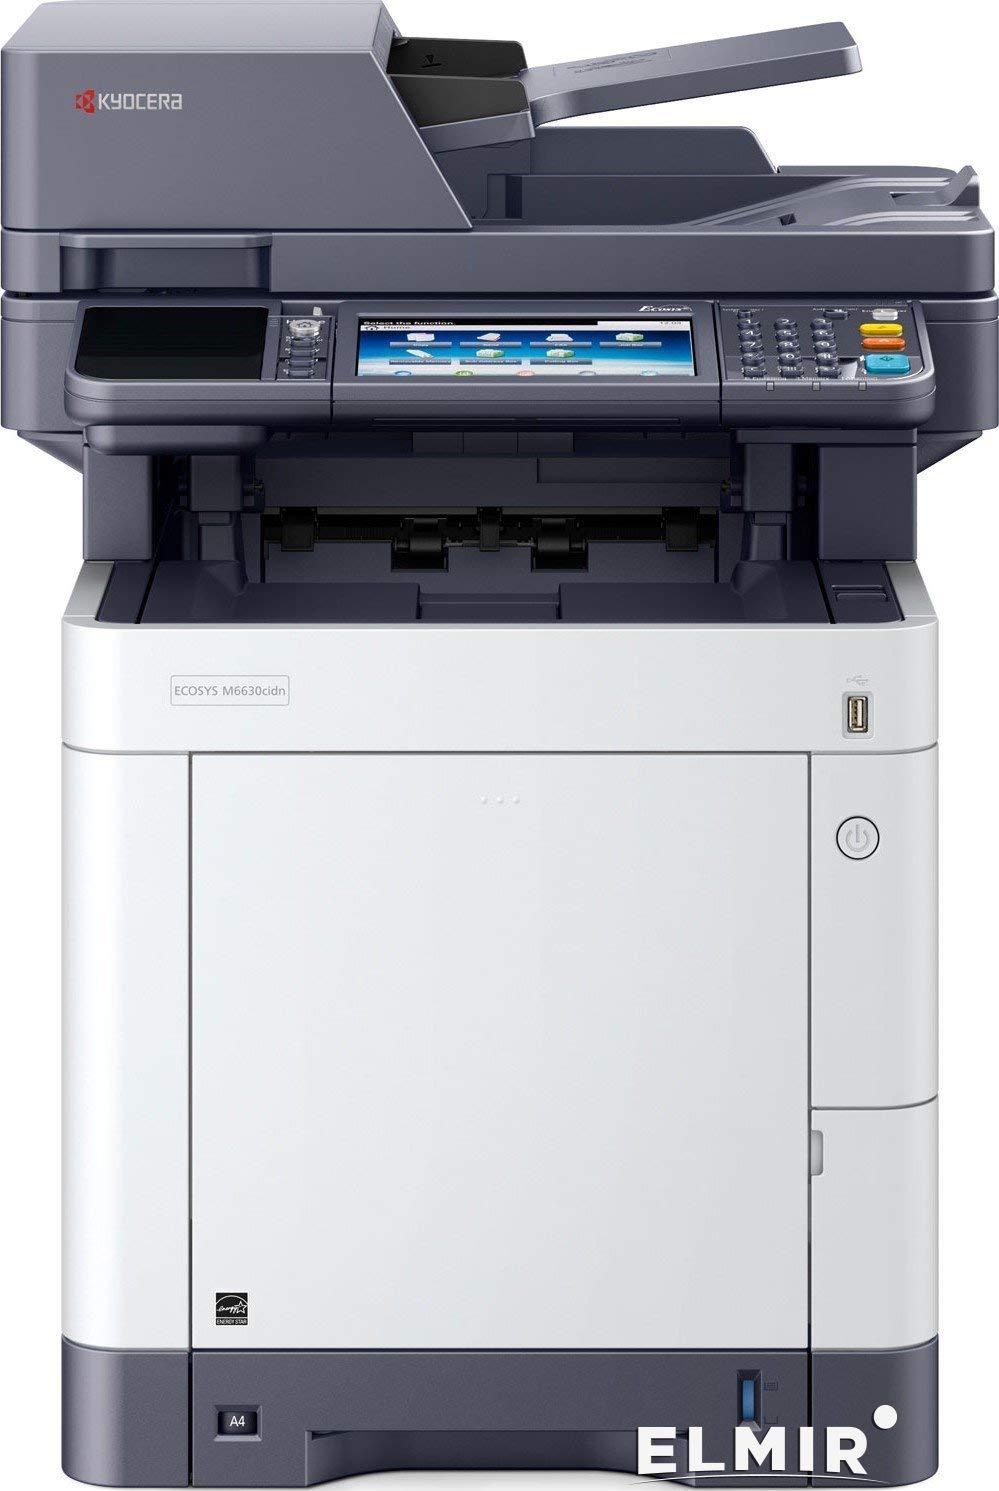 Kyocera ECOSYS M6630cidn Impresora láser Color Scanner copiadora ...